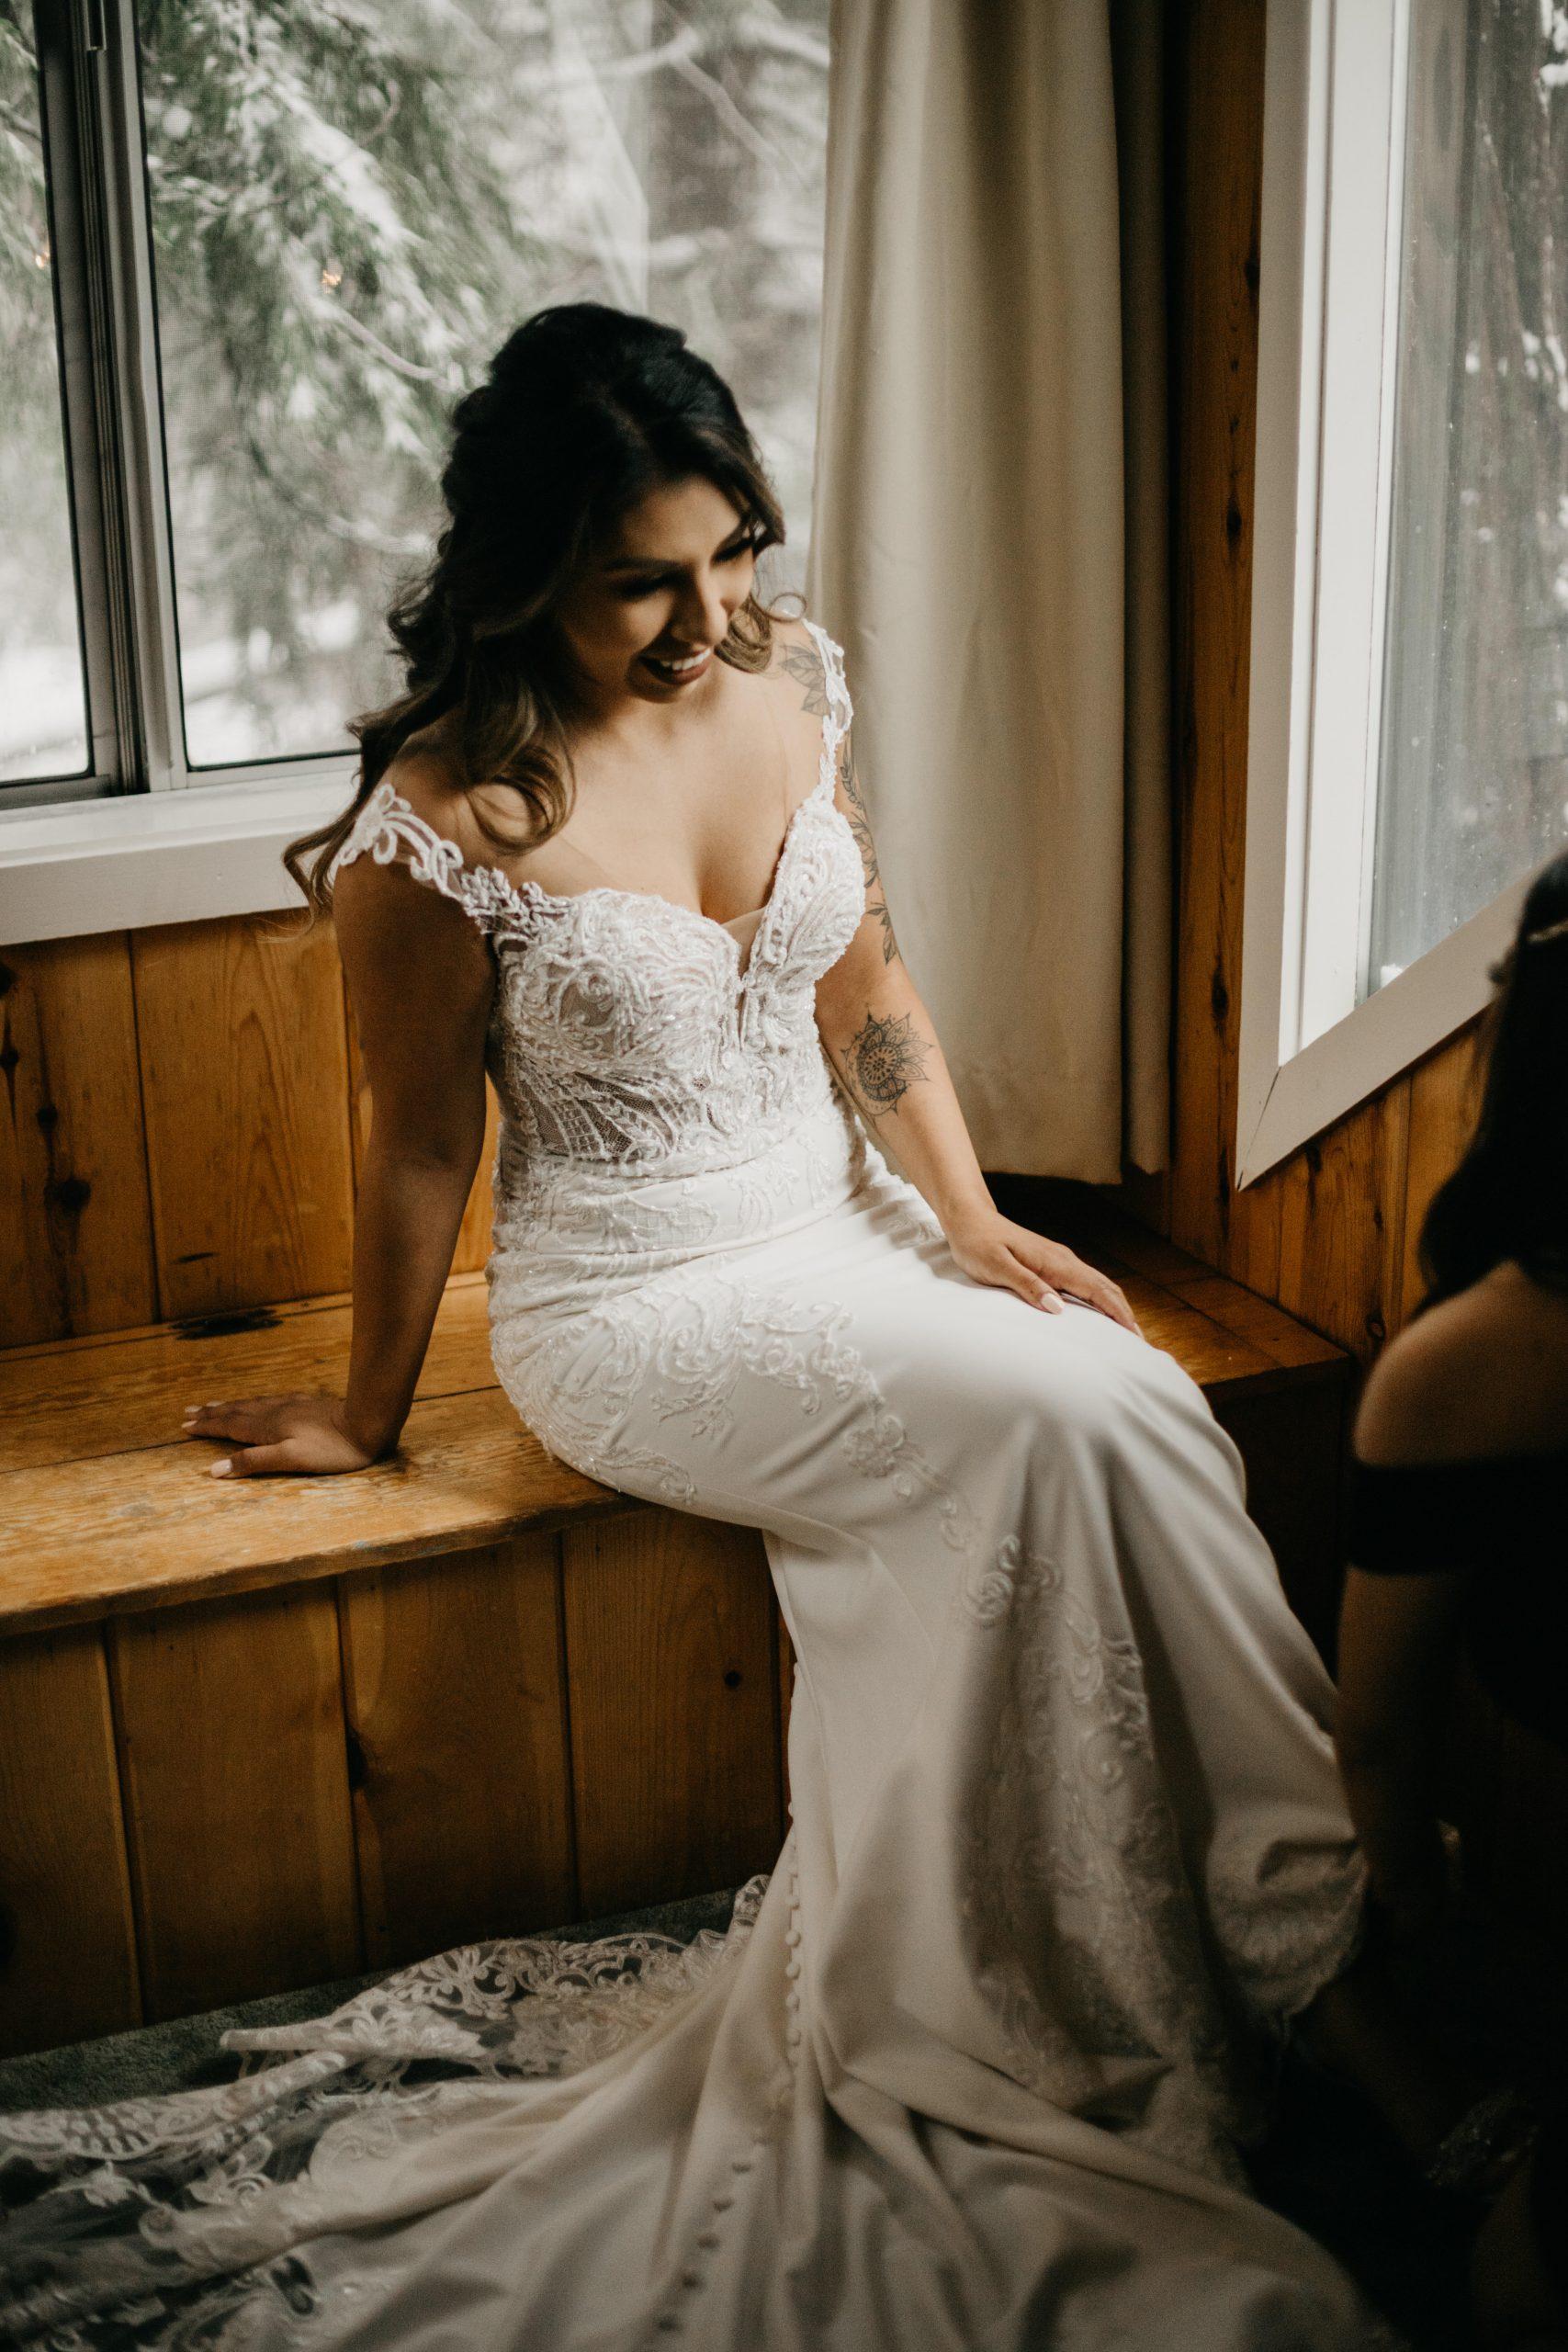 Bride getting ready, image by Fatima Elreda Photo